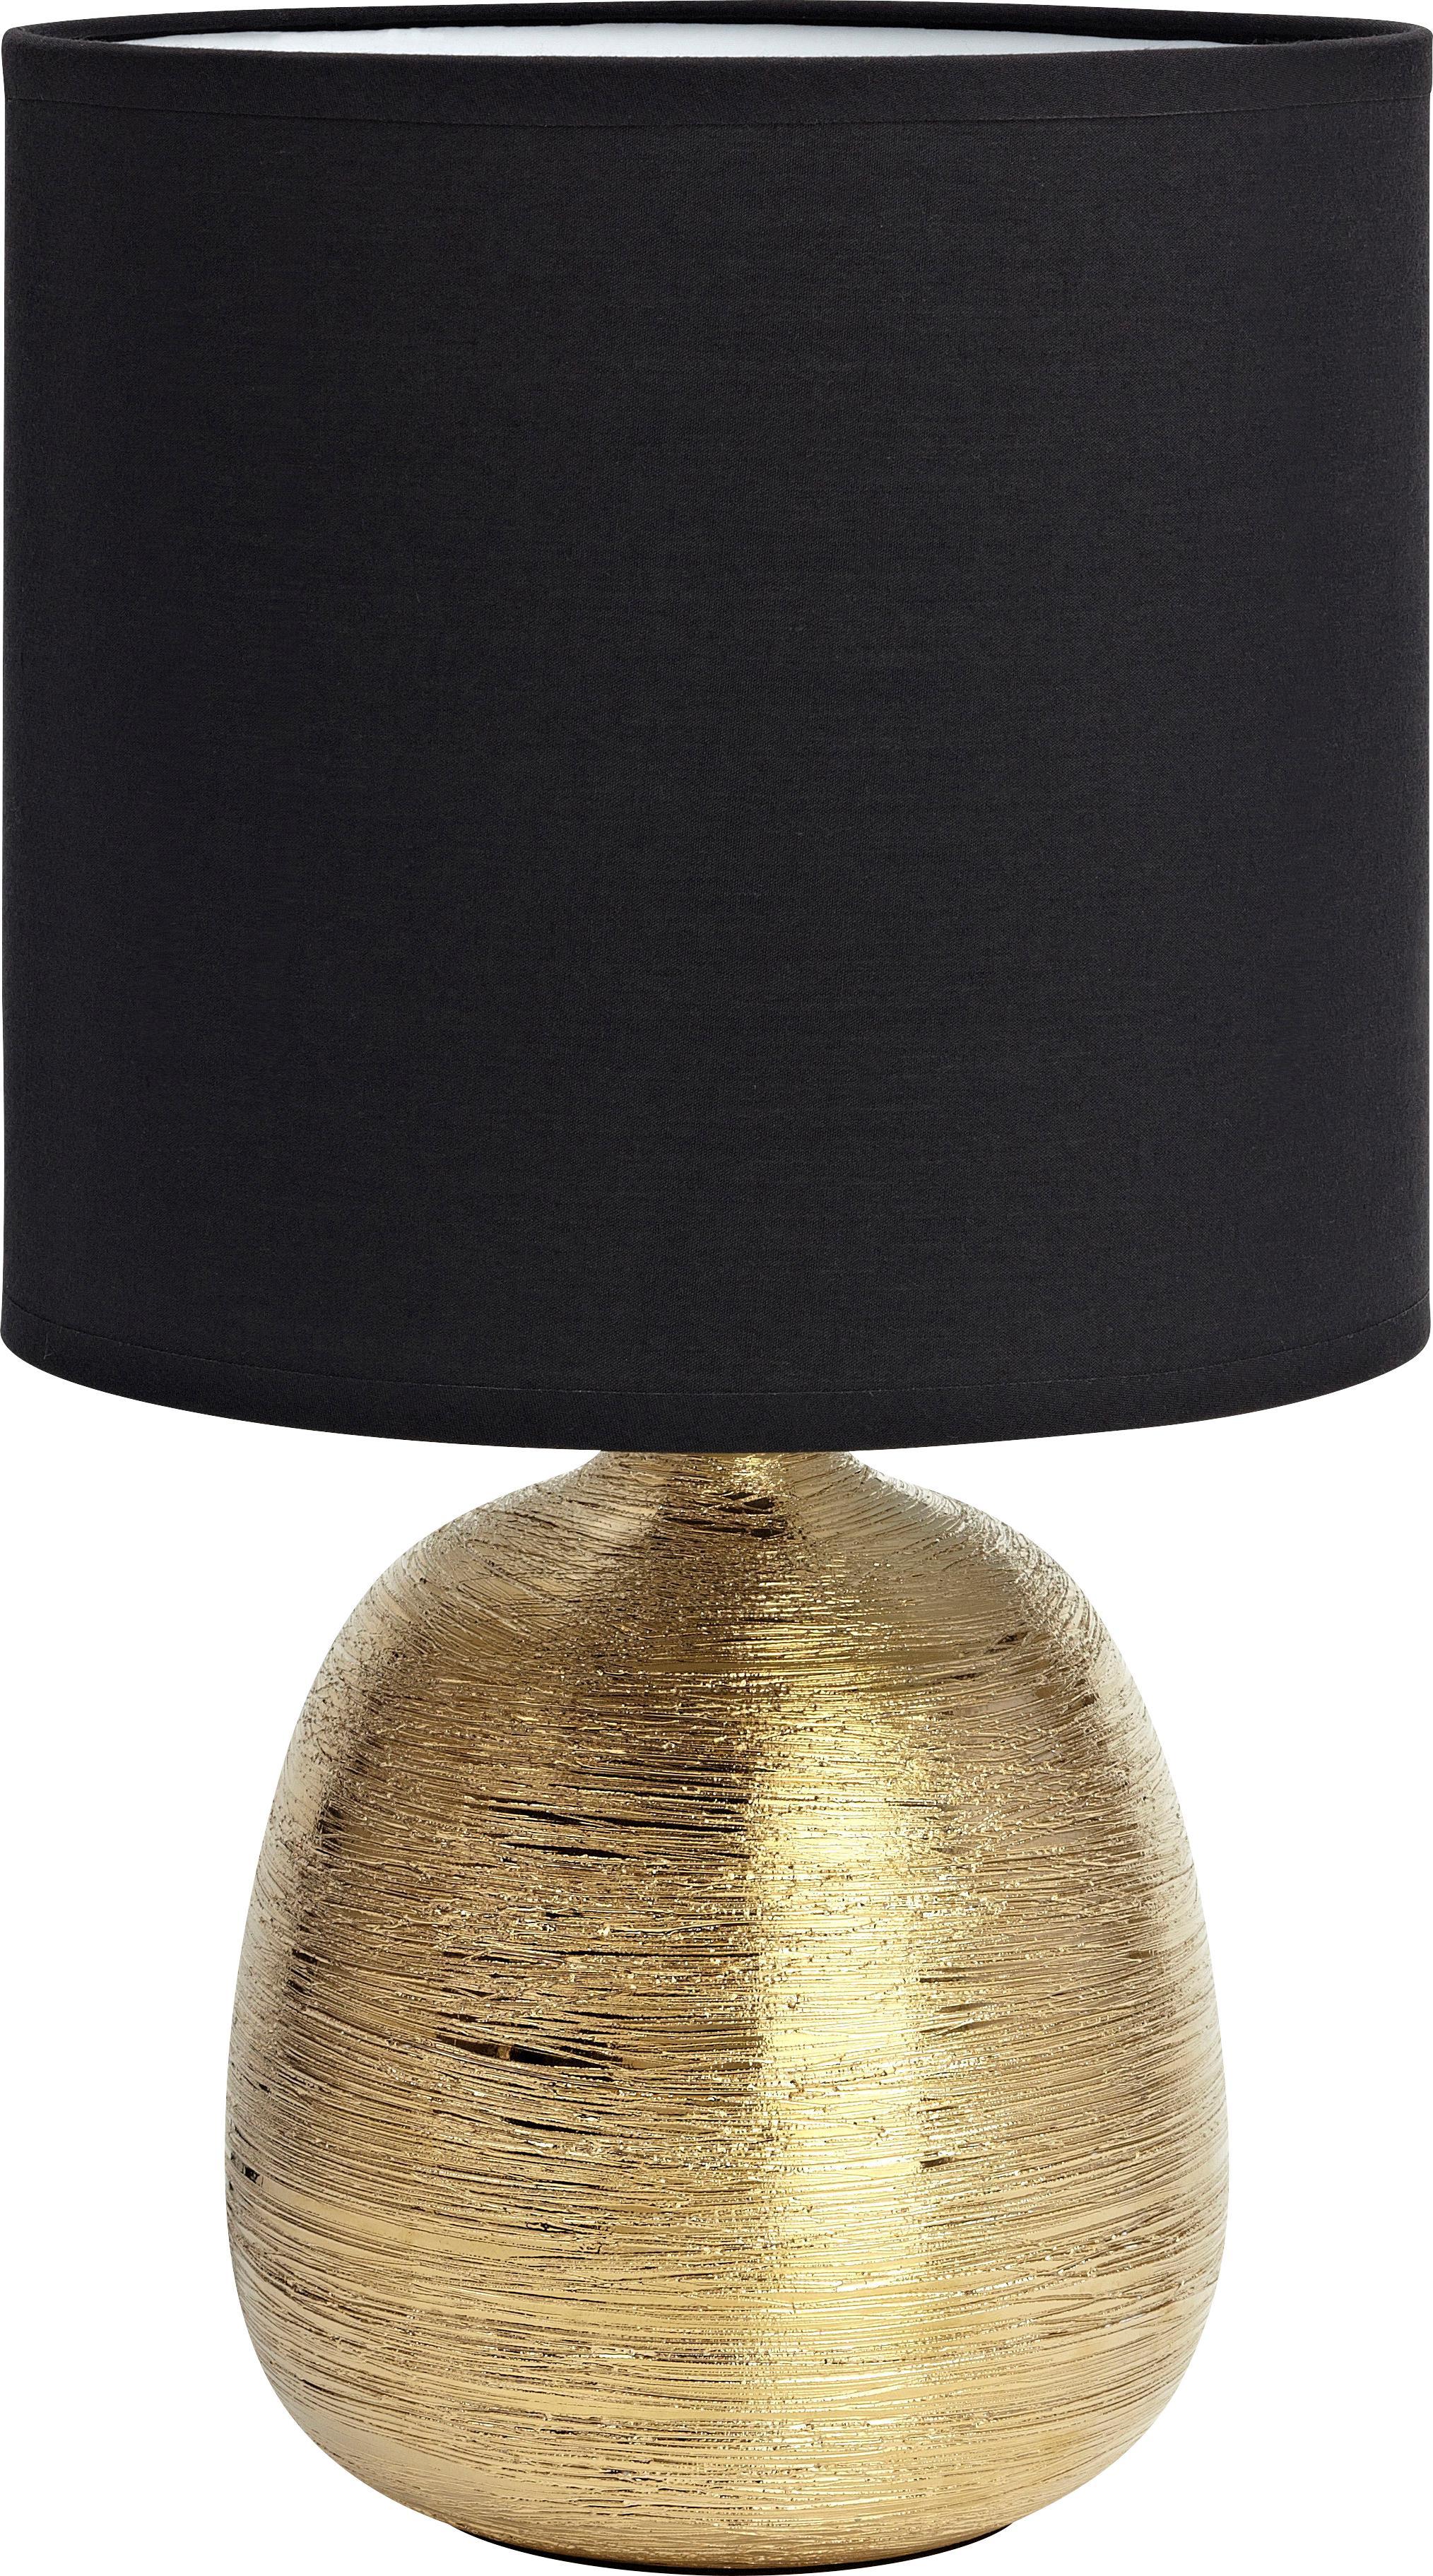 Keramik-Tischlampe Oscar in Schwarz-Gold, Schwarz, Goldfarben, Ø 20 x H 39 cm